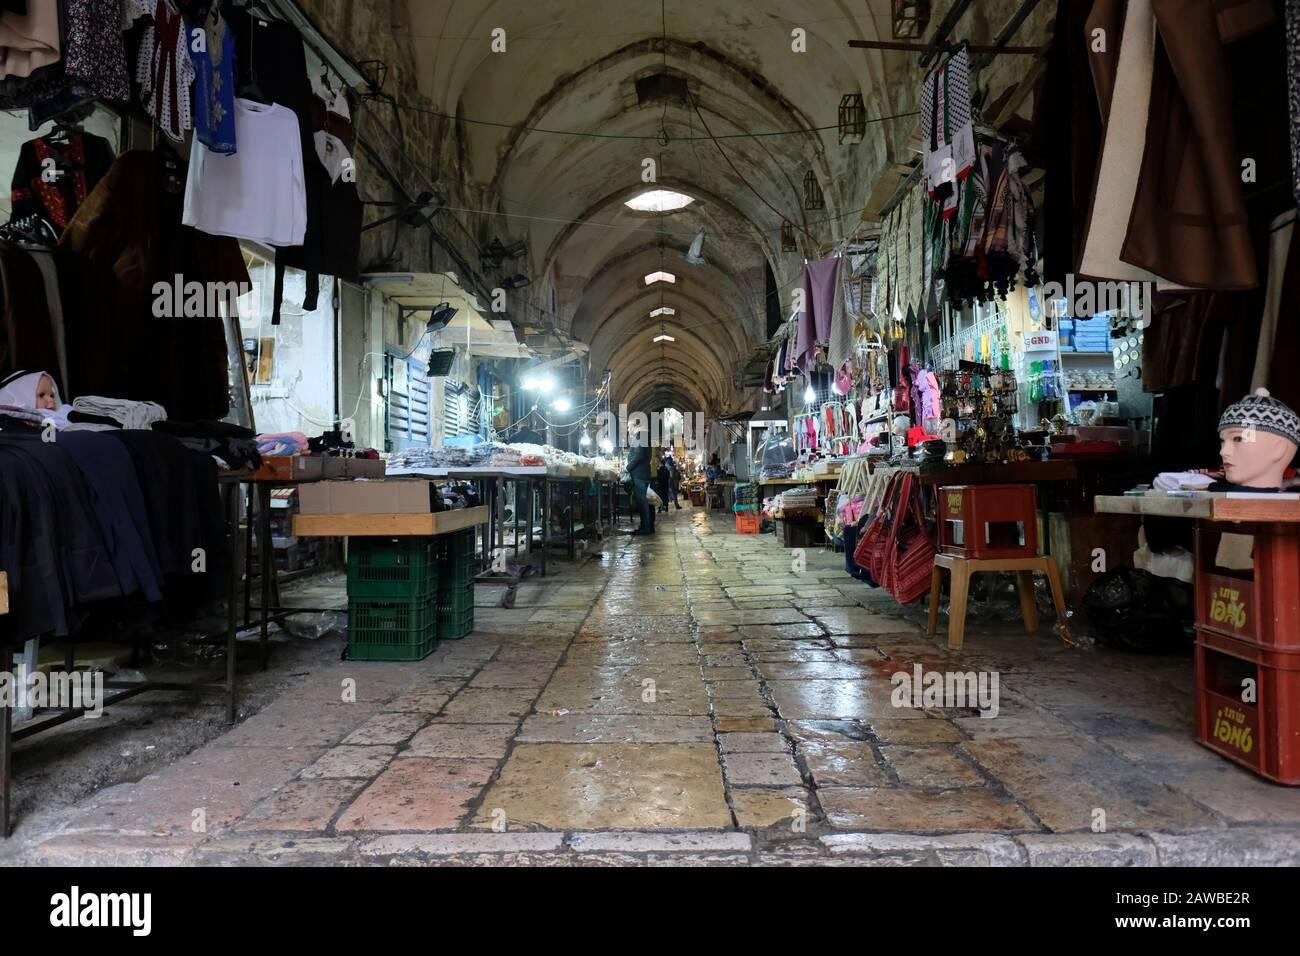 Vista di bancarelle di mercanti di cotone' di mercato un vicolo che conduce al Bab al-Qattanin cancello che conduce al monte del tempio nel quartiere musulmano della città vecchia di Gerusalemme Est Israele Foto Stock